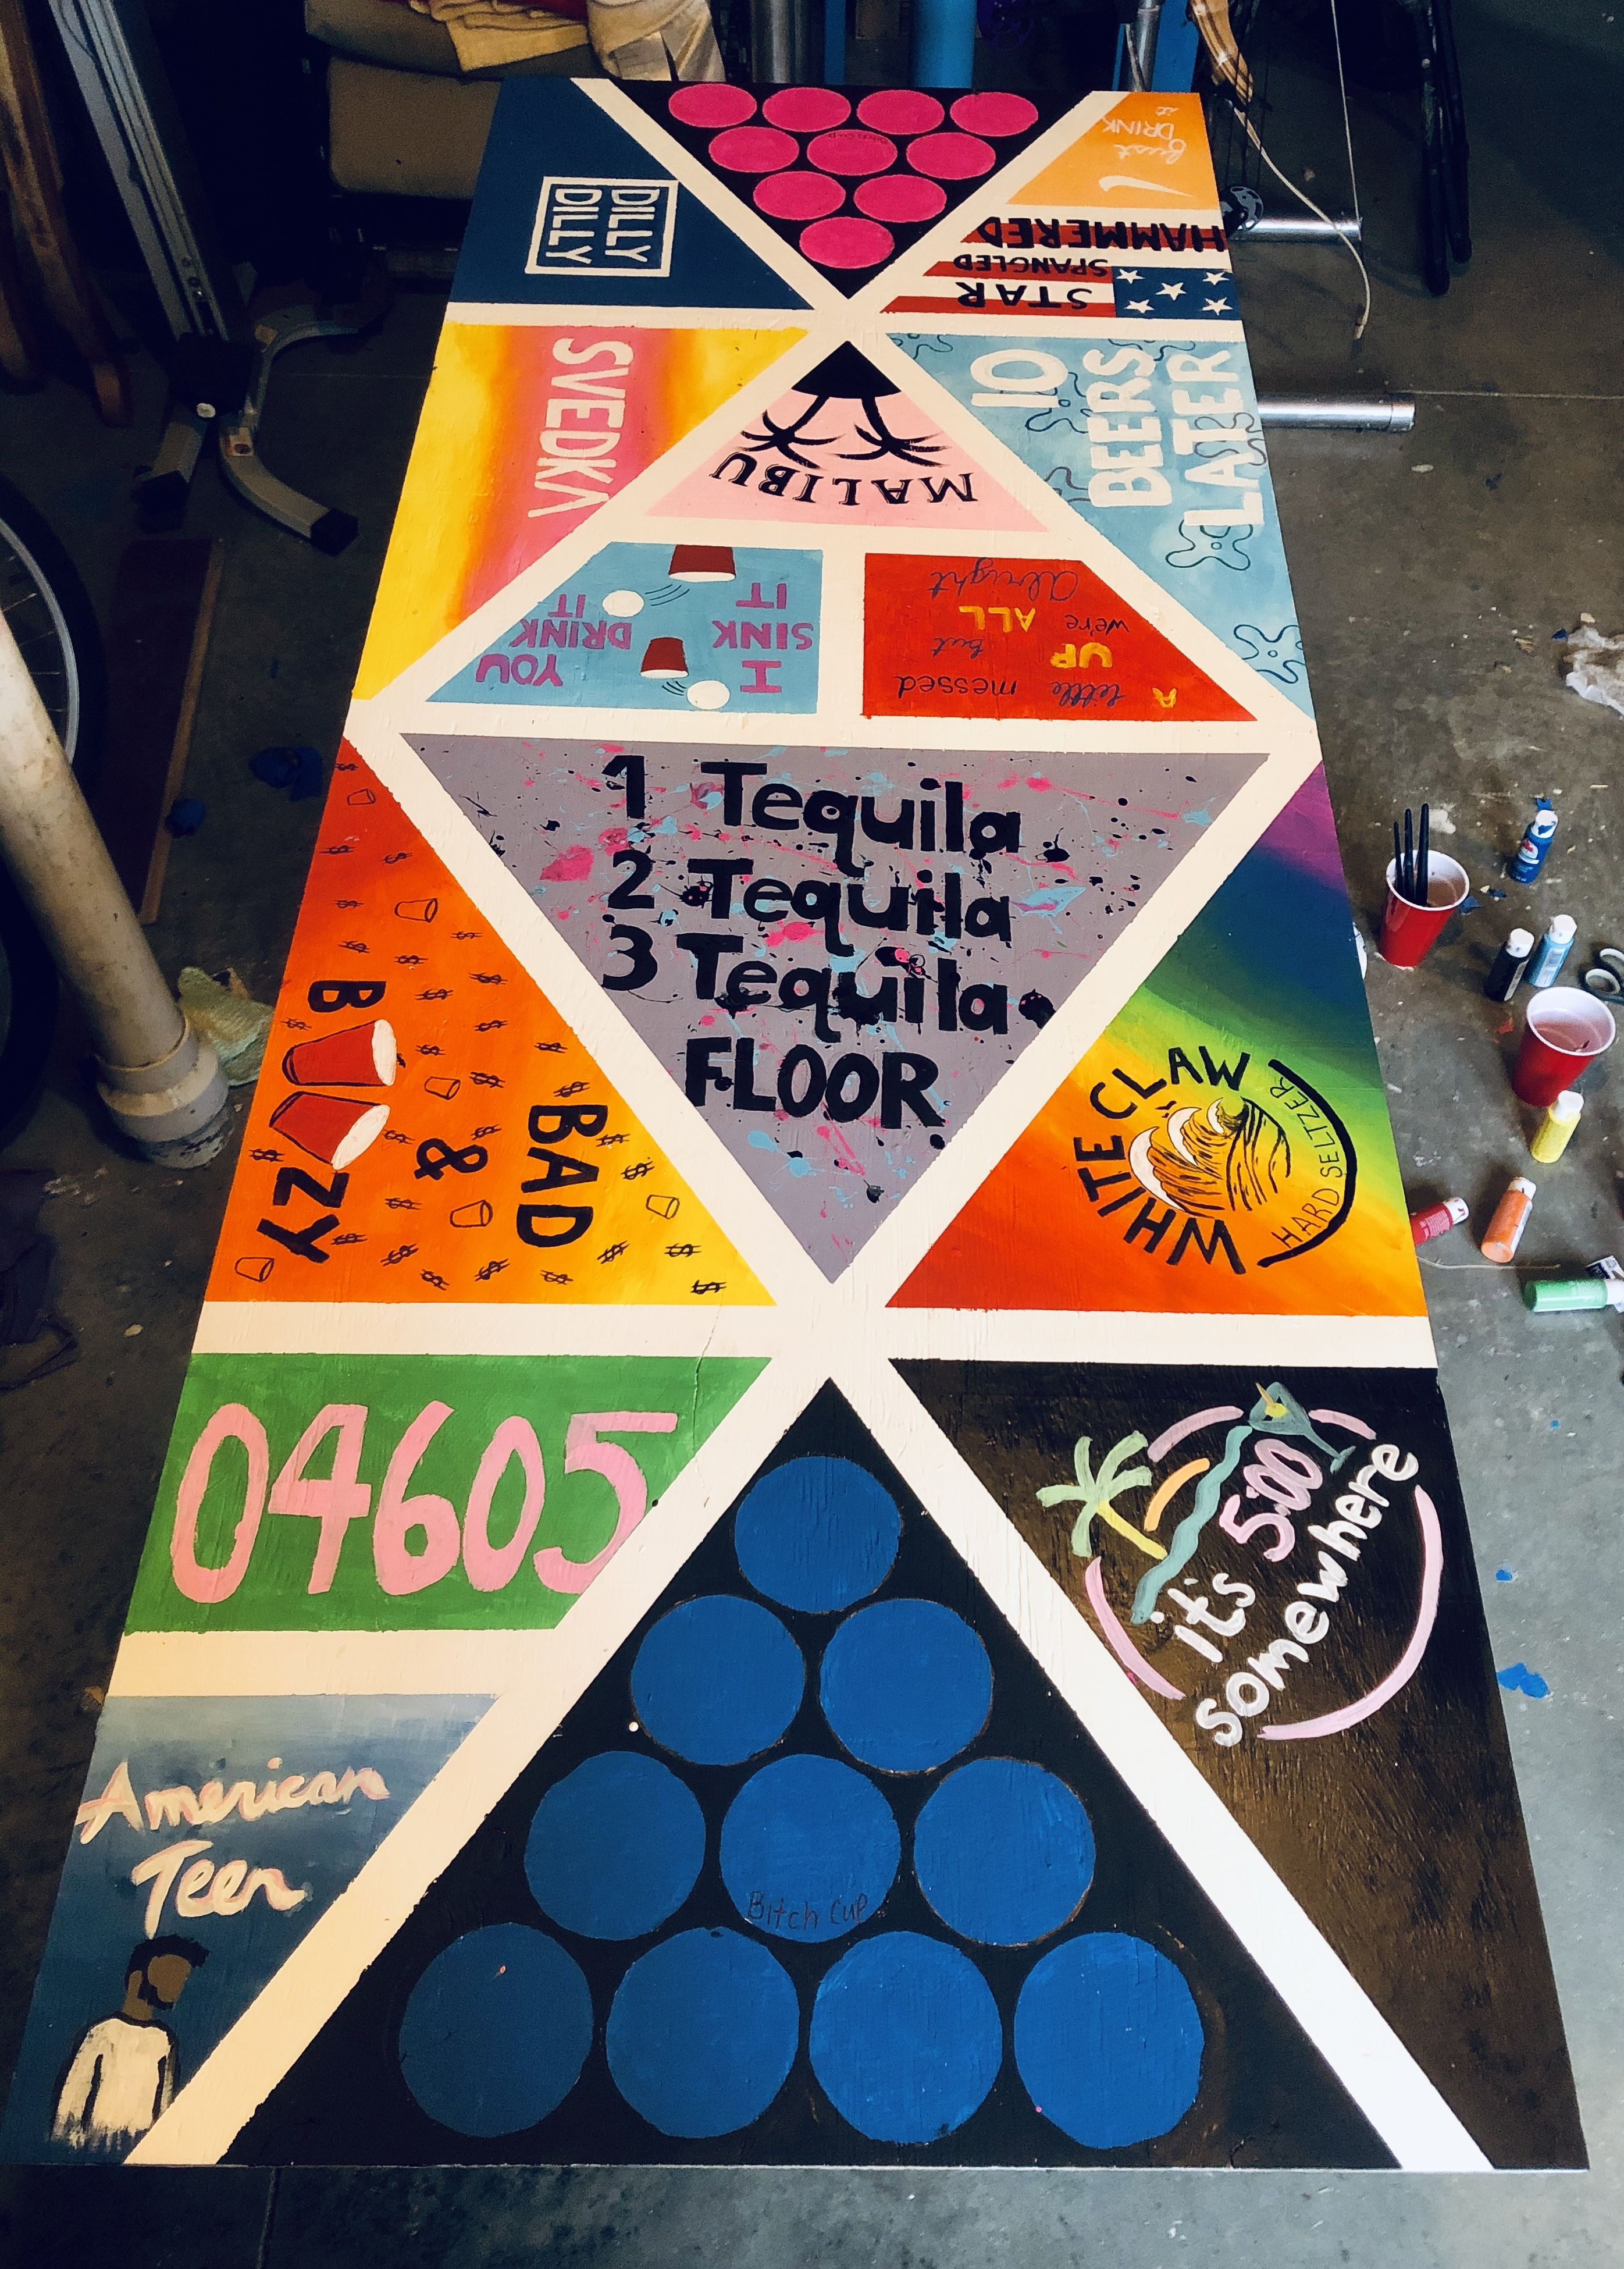 Diy Beer Pong Table In 2020 Beer Pong Table Painted Custom Beer Pong Tables Diy Beer Pong Table